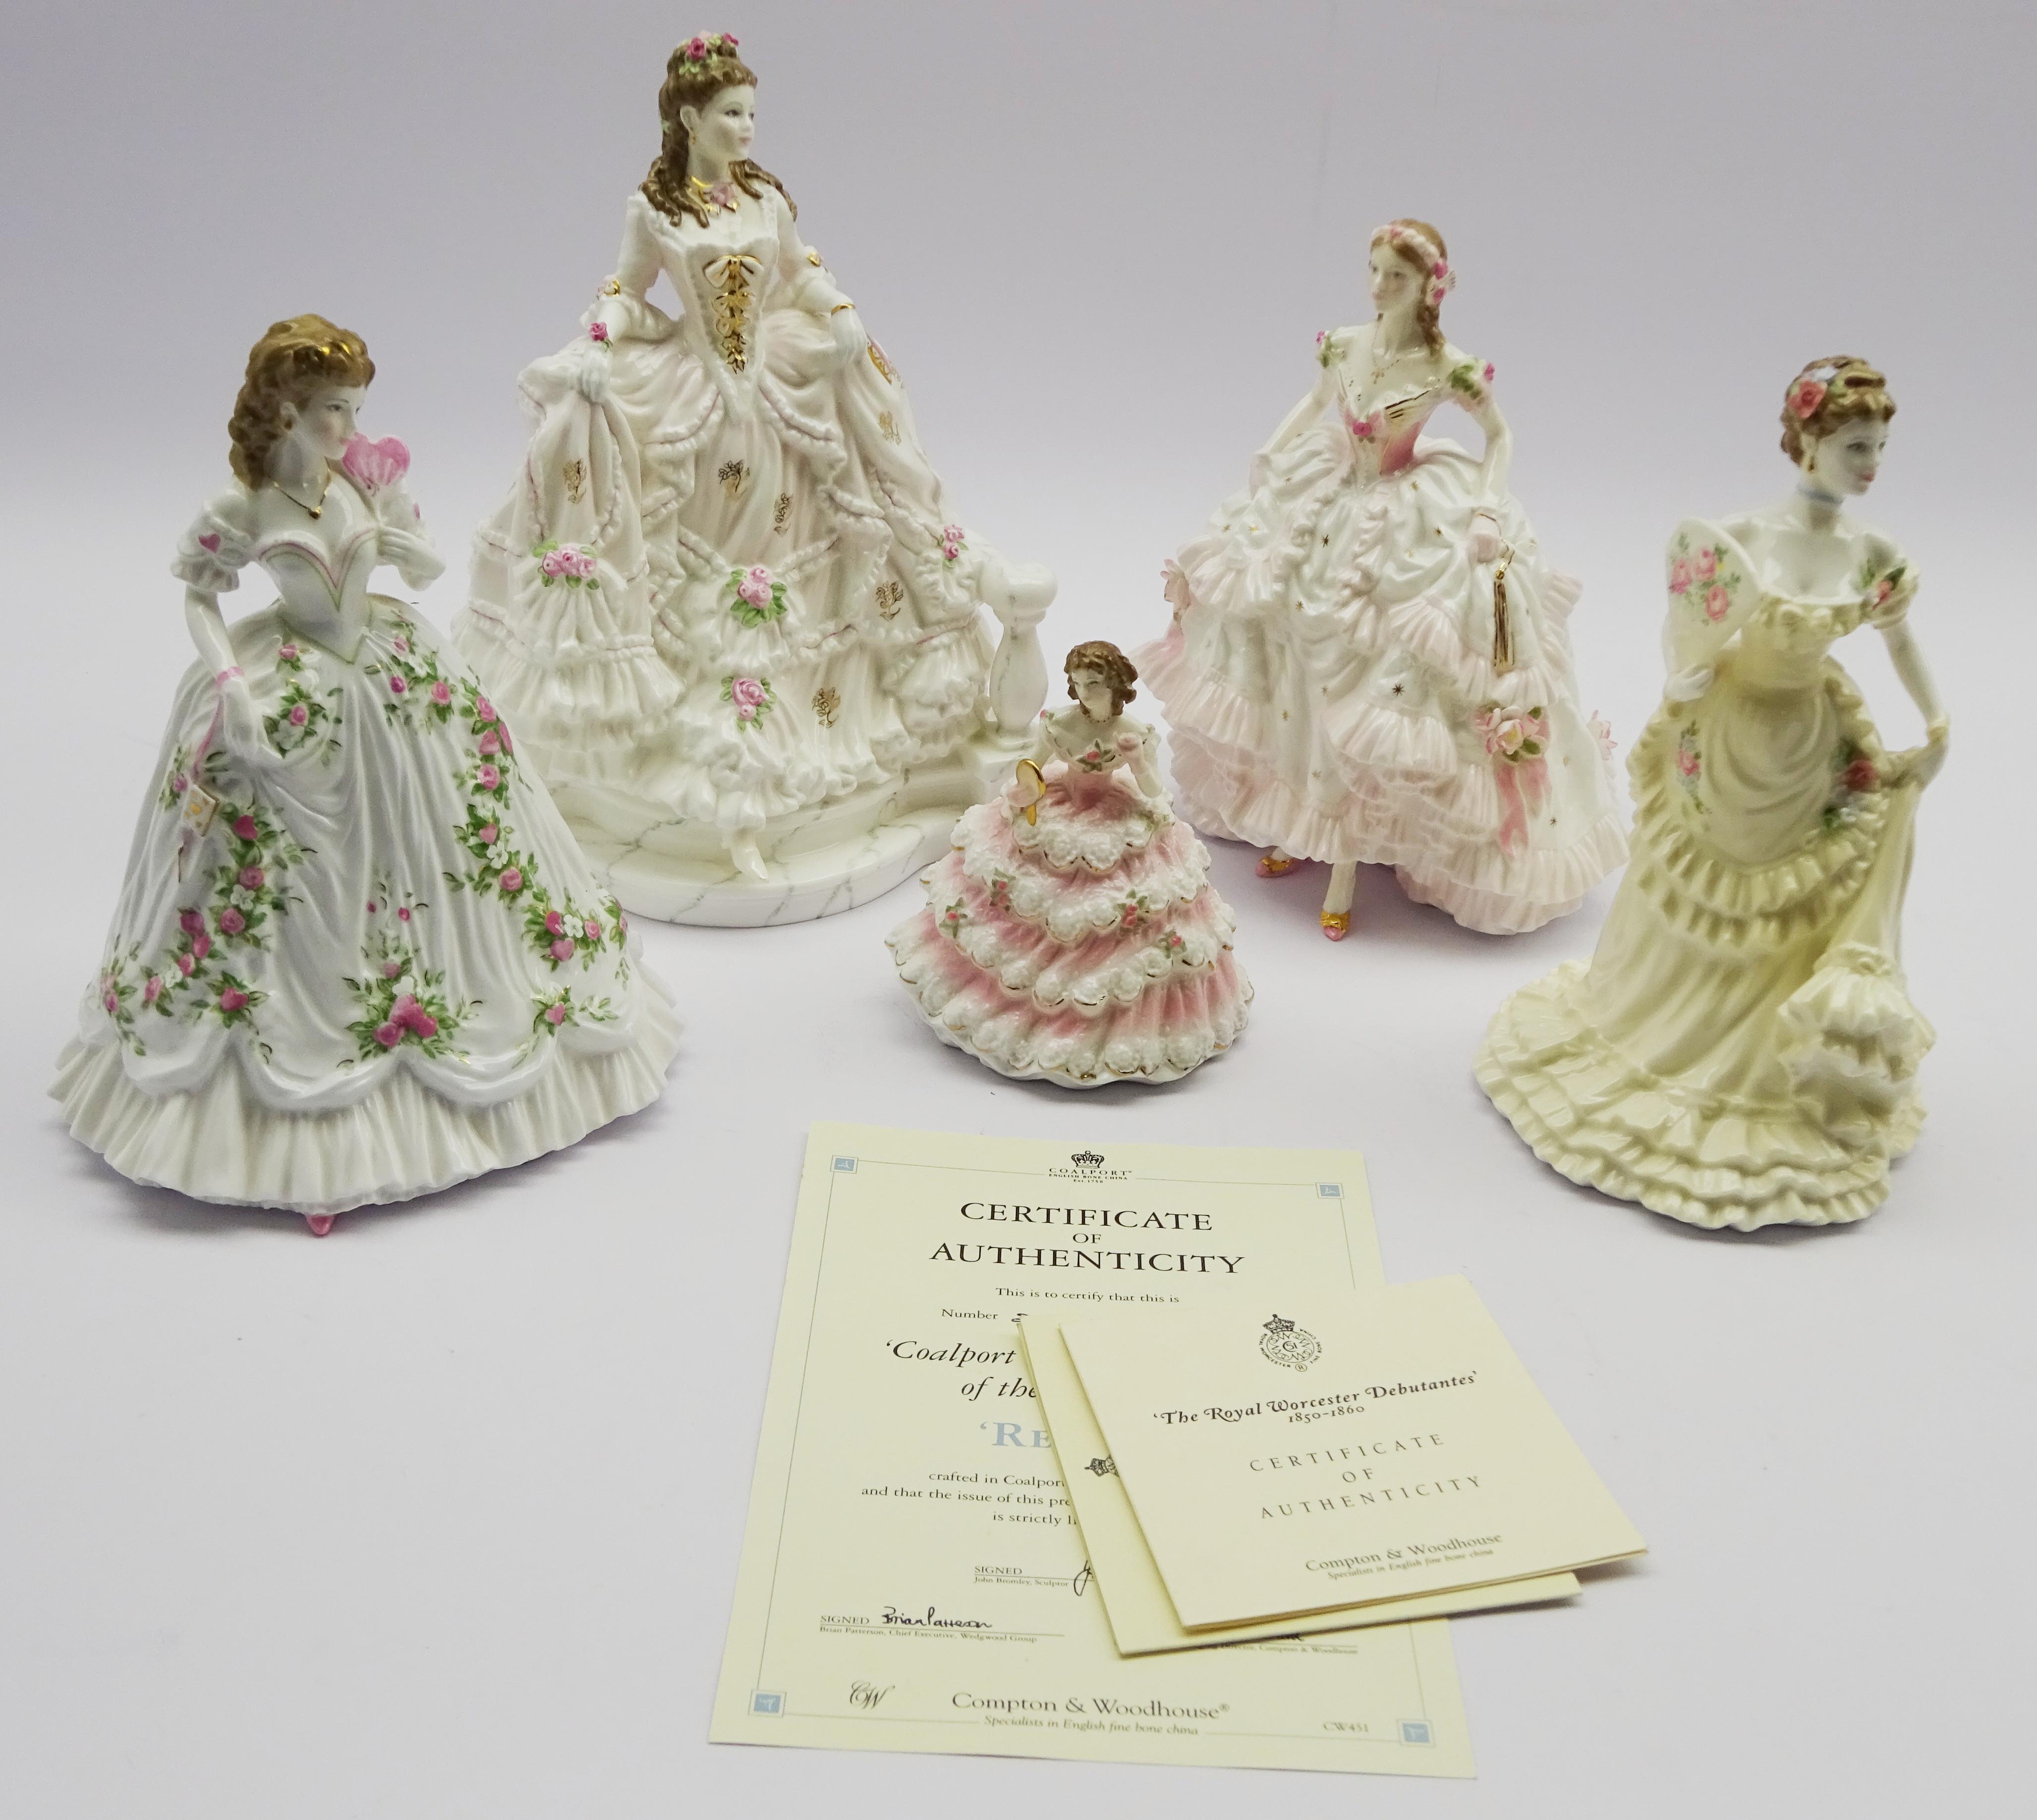 Lot 52 - Two Royal Doulton figures 'Royal Debut',